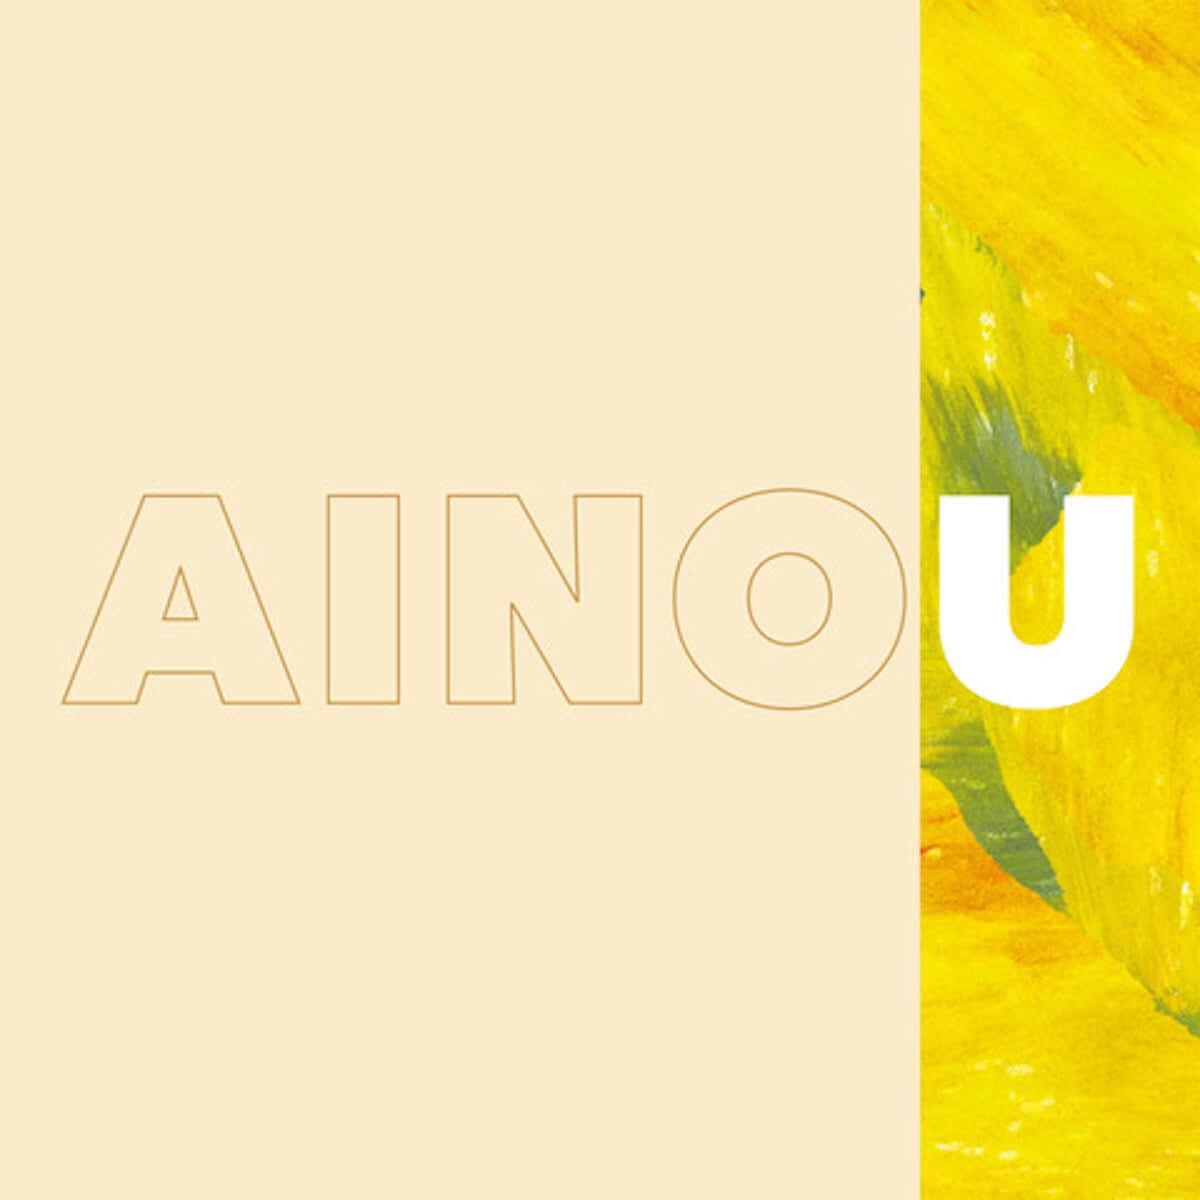 アジカンGotch主宰<APPLE VINEGAR -Music Award->第2回大賞作品が中村佳穂『AINOU』に決定! music190328_applevinegarmusicaward_main-1200x1200